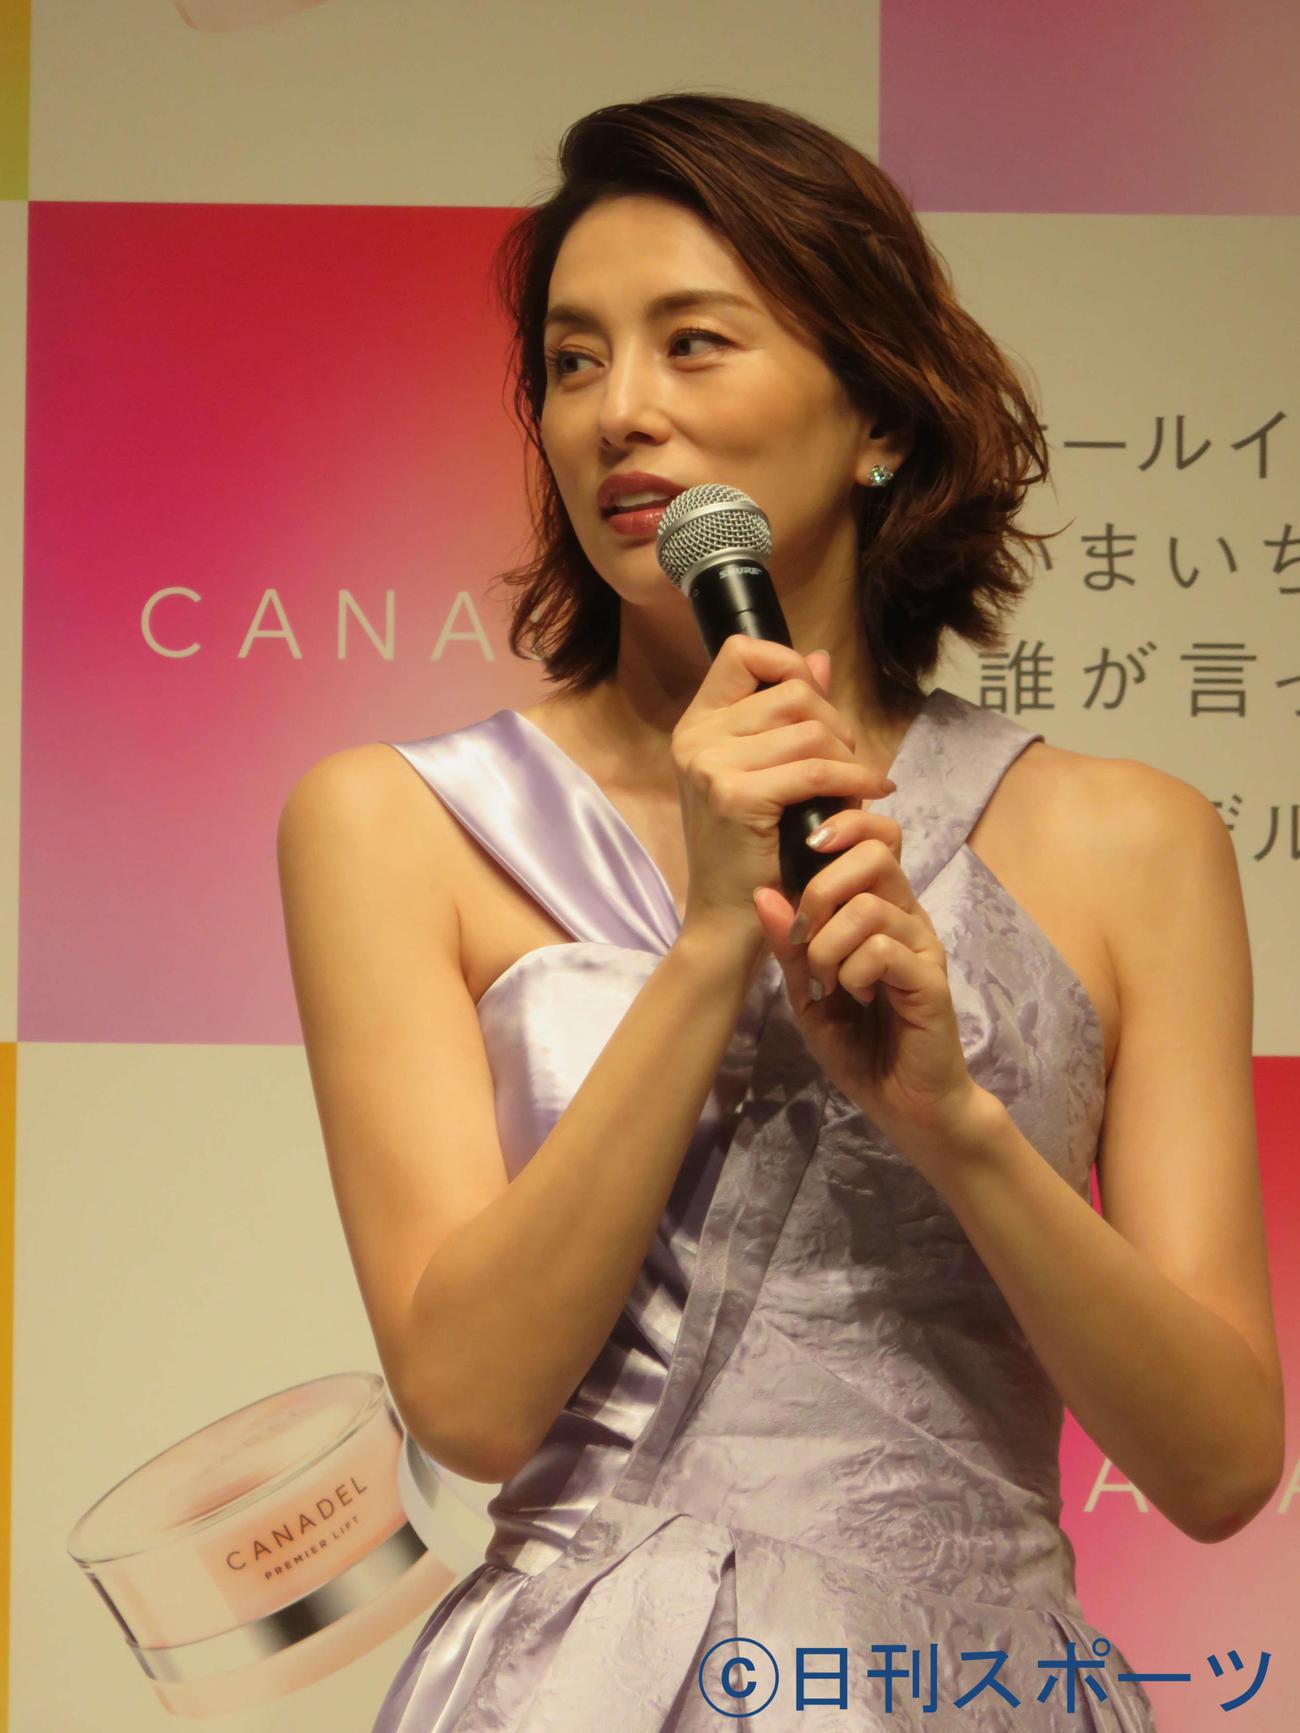 化粧品のCMに出演した米倉涼子